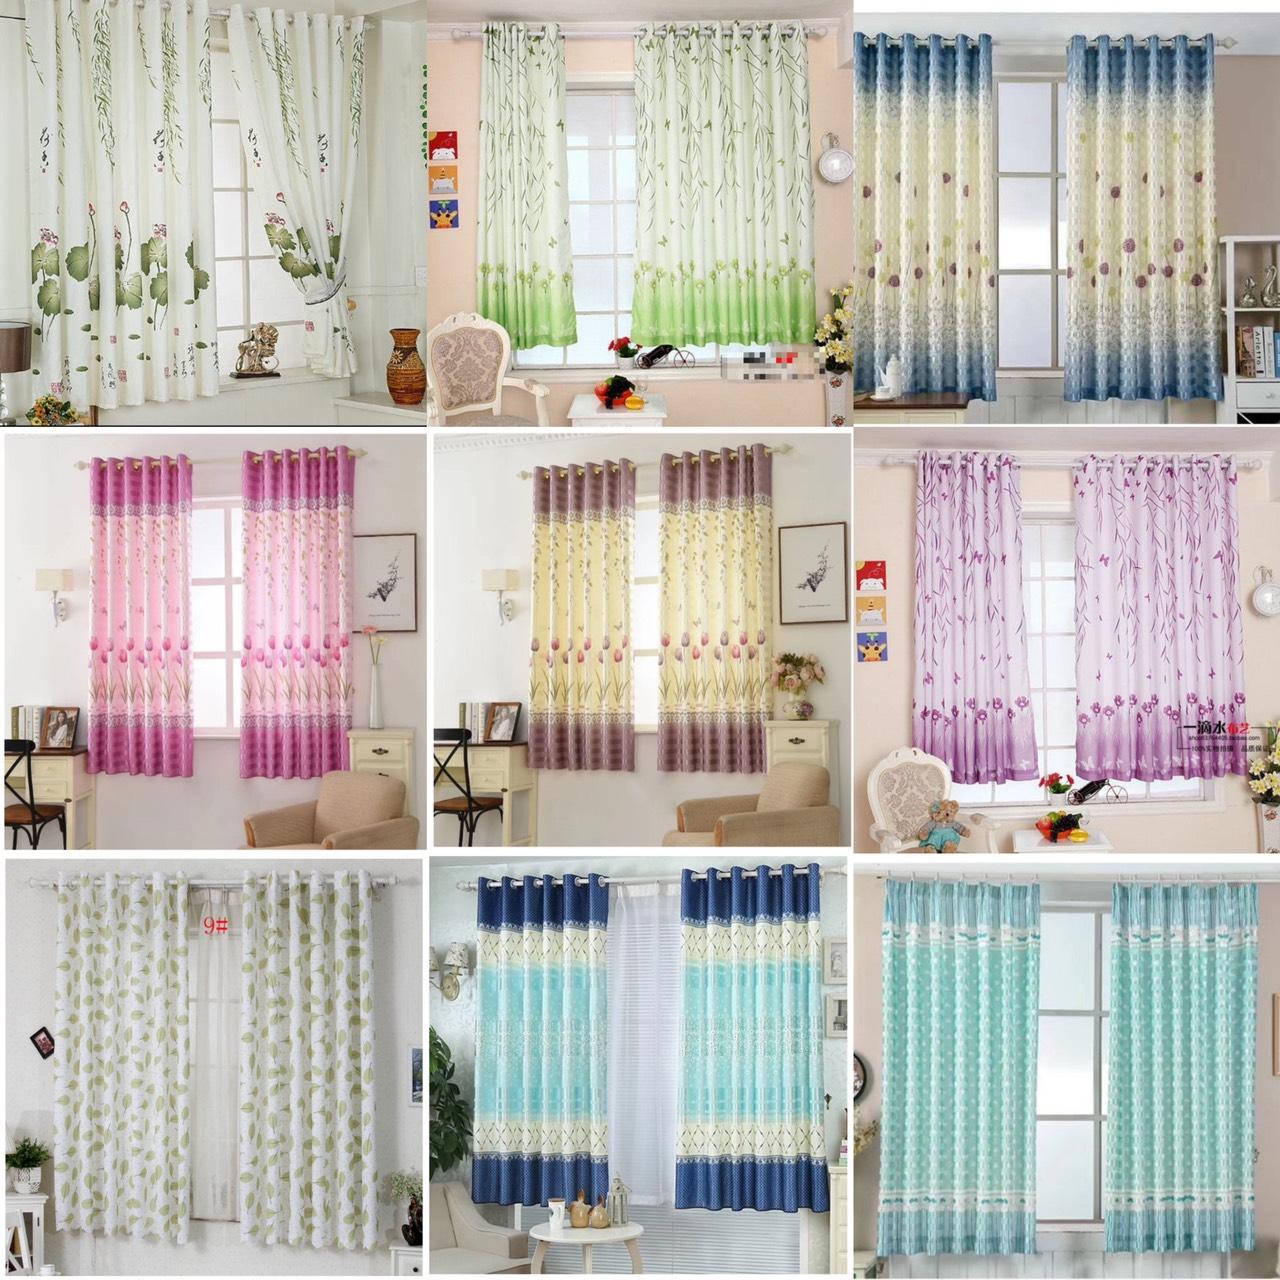 Rèm vải treo cửa chống nắng tốt 99% vải dày (có sẵn khoen) 1m x 2m cao HY1000